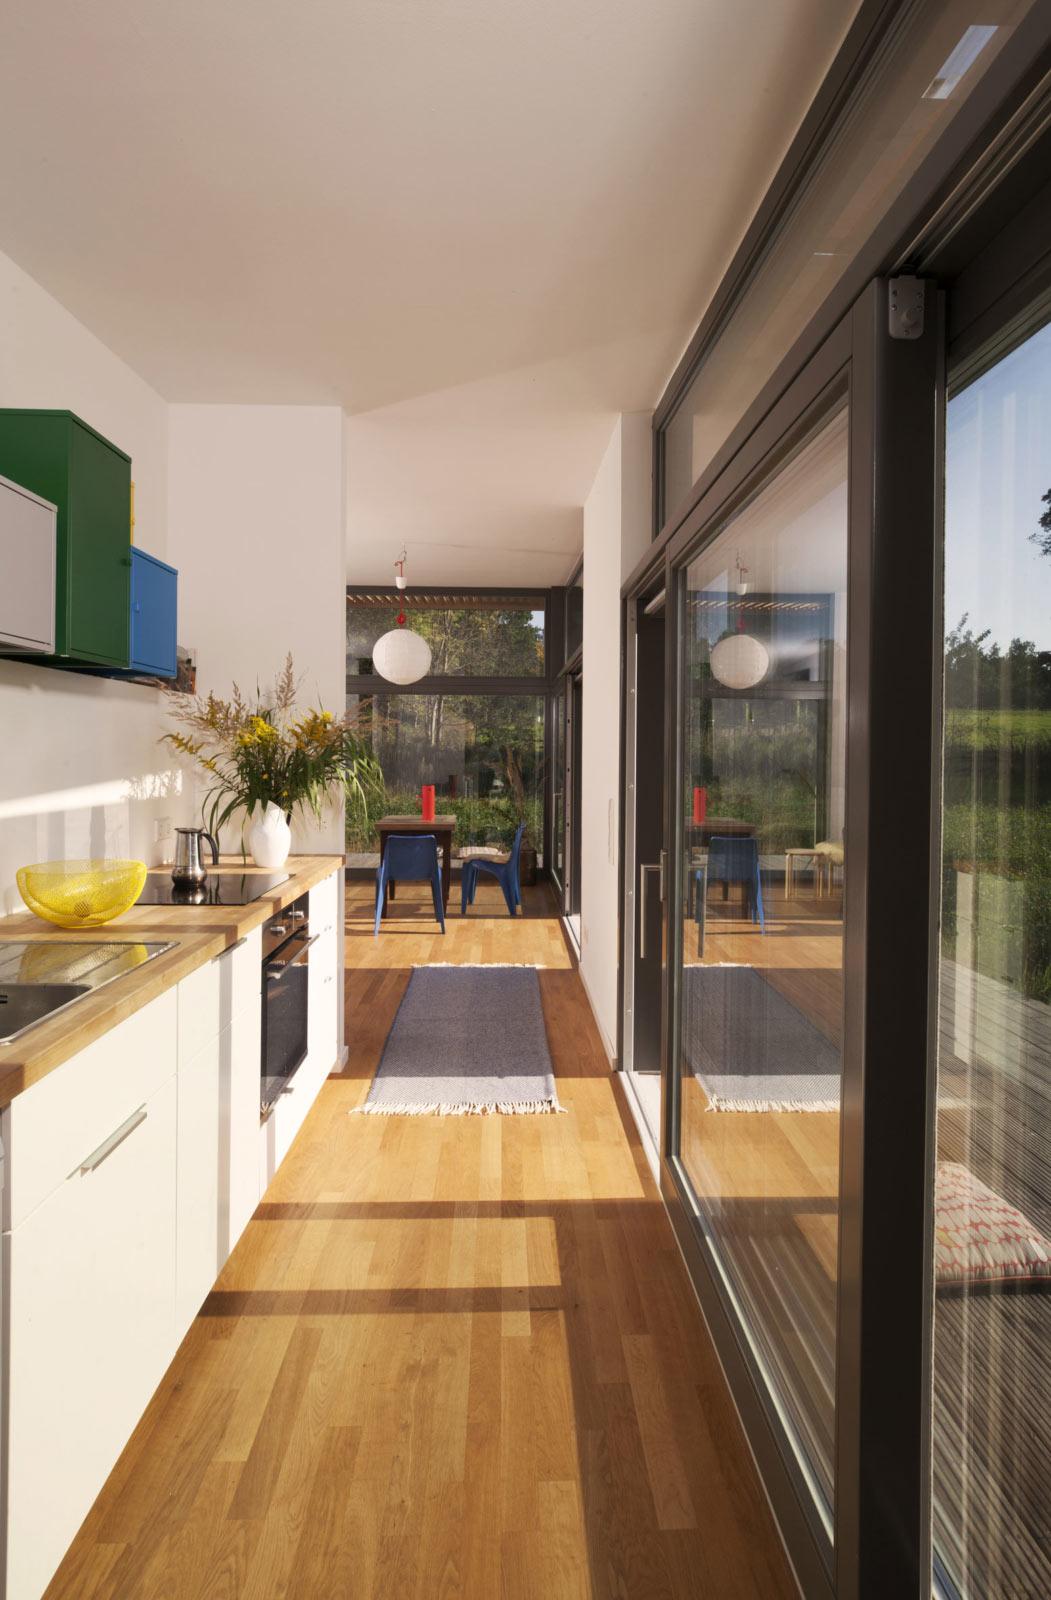 Holzhaus mit hellen Räumen, viel Licht und Komfort